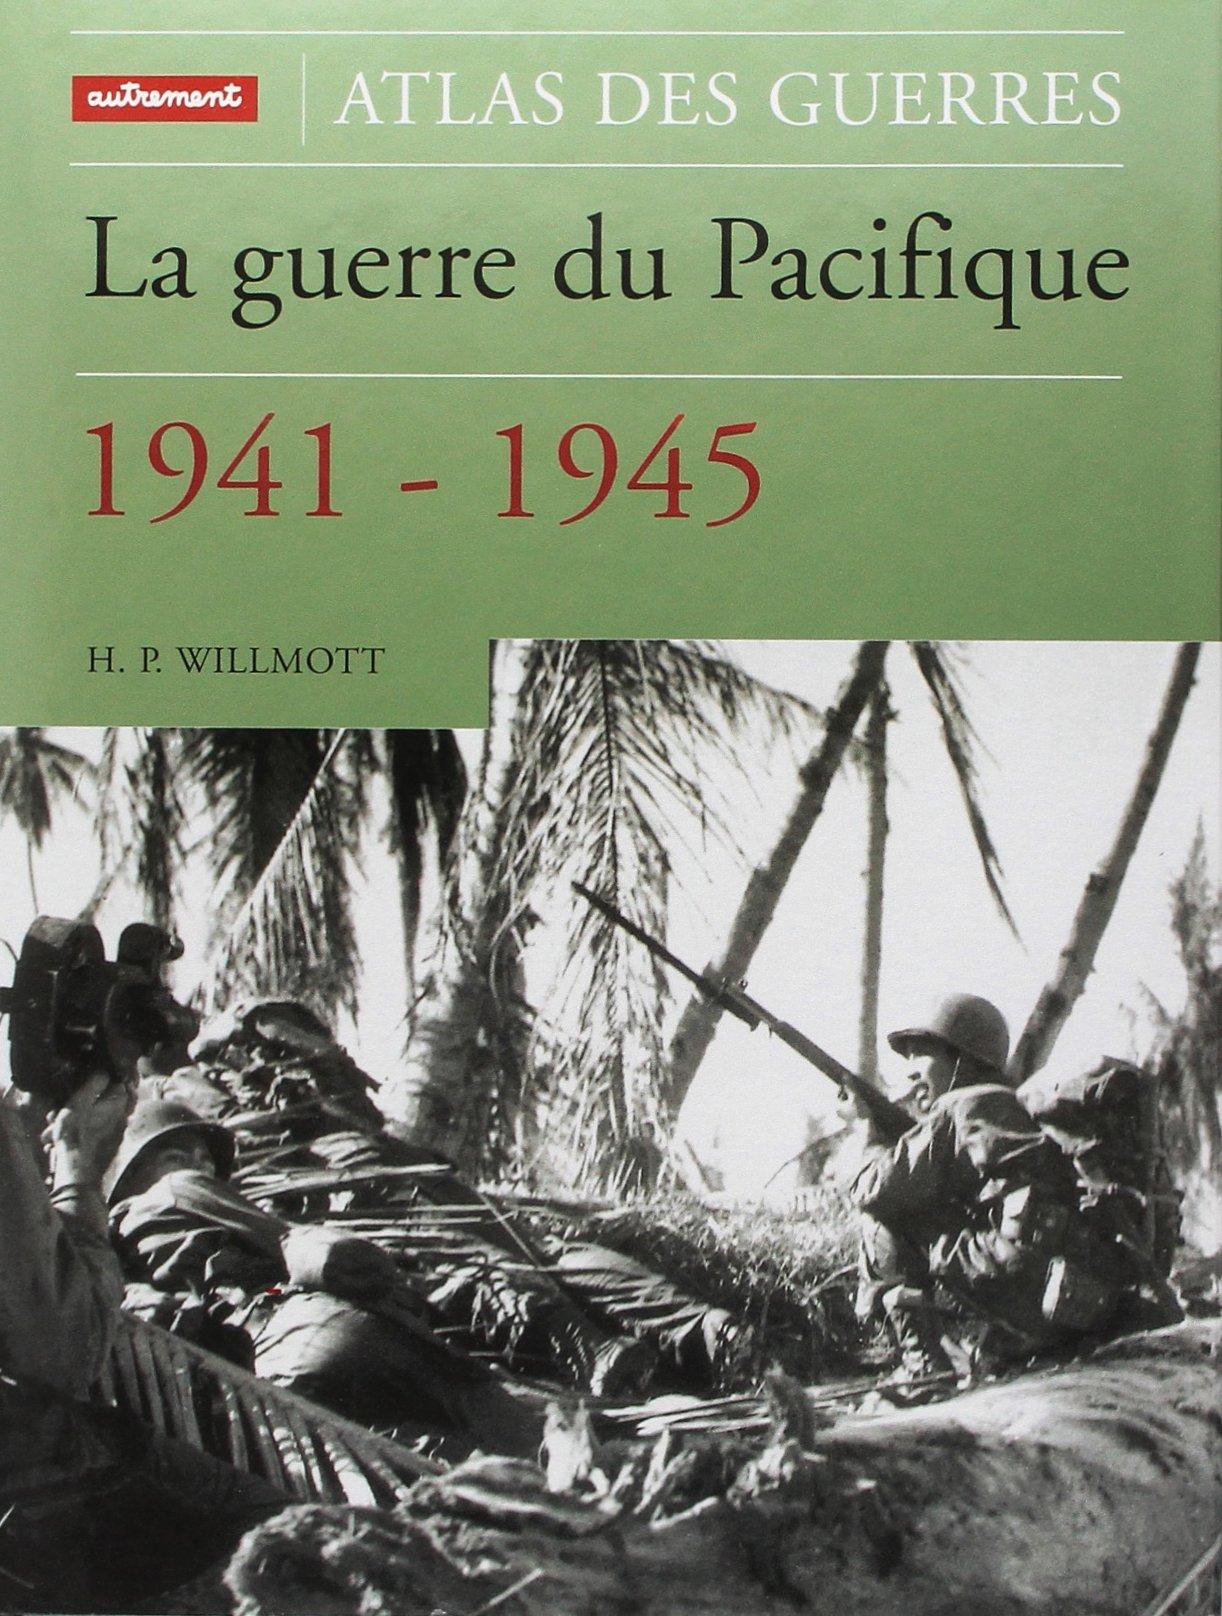 Atlas de la guerre du Pacifique 1941-1945 Relié – 23 février 2001 H.P. Wilmott Editions Autrement 2746700425 Guerre mondiale